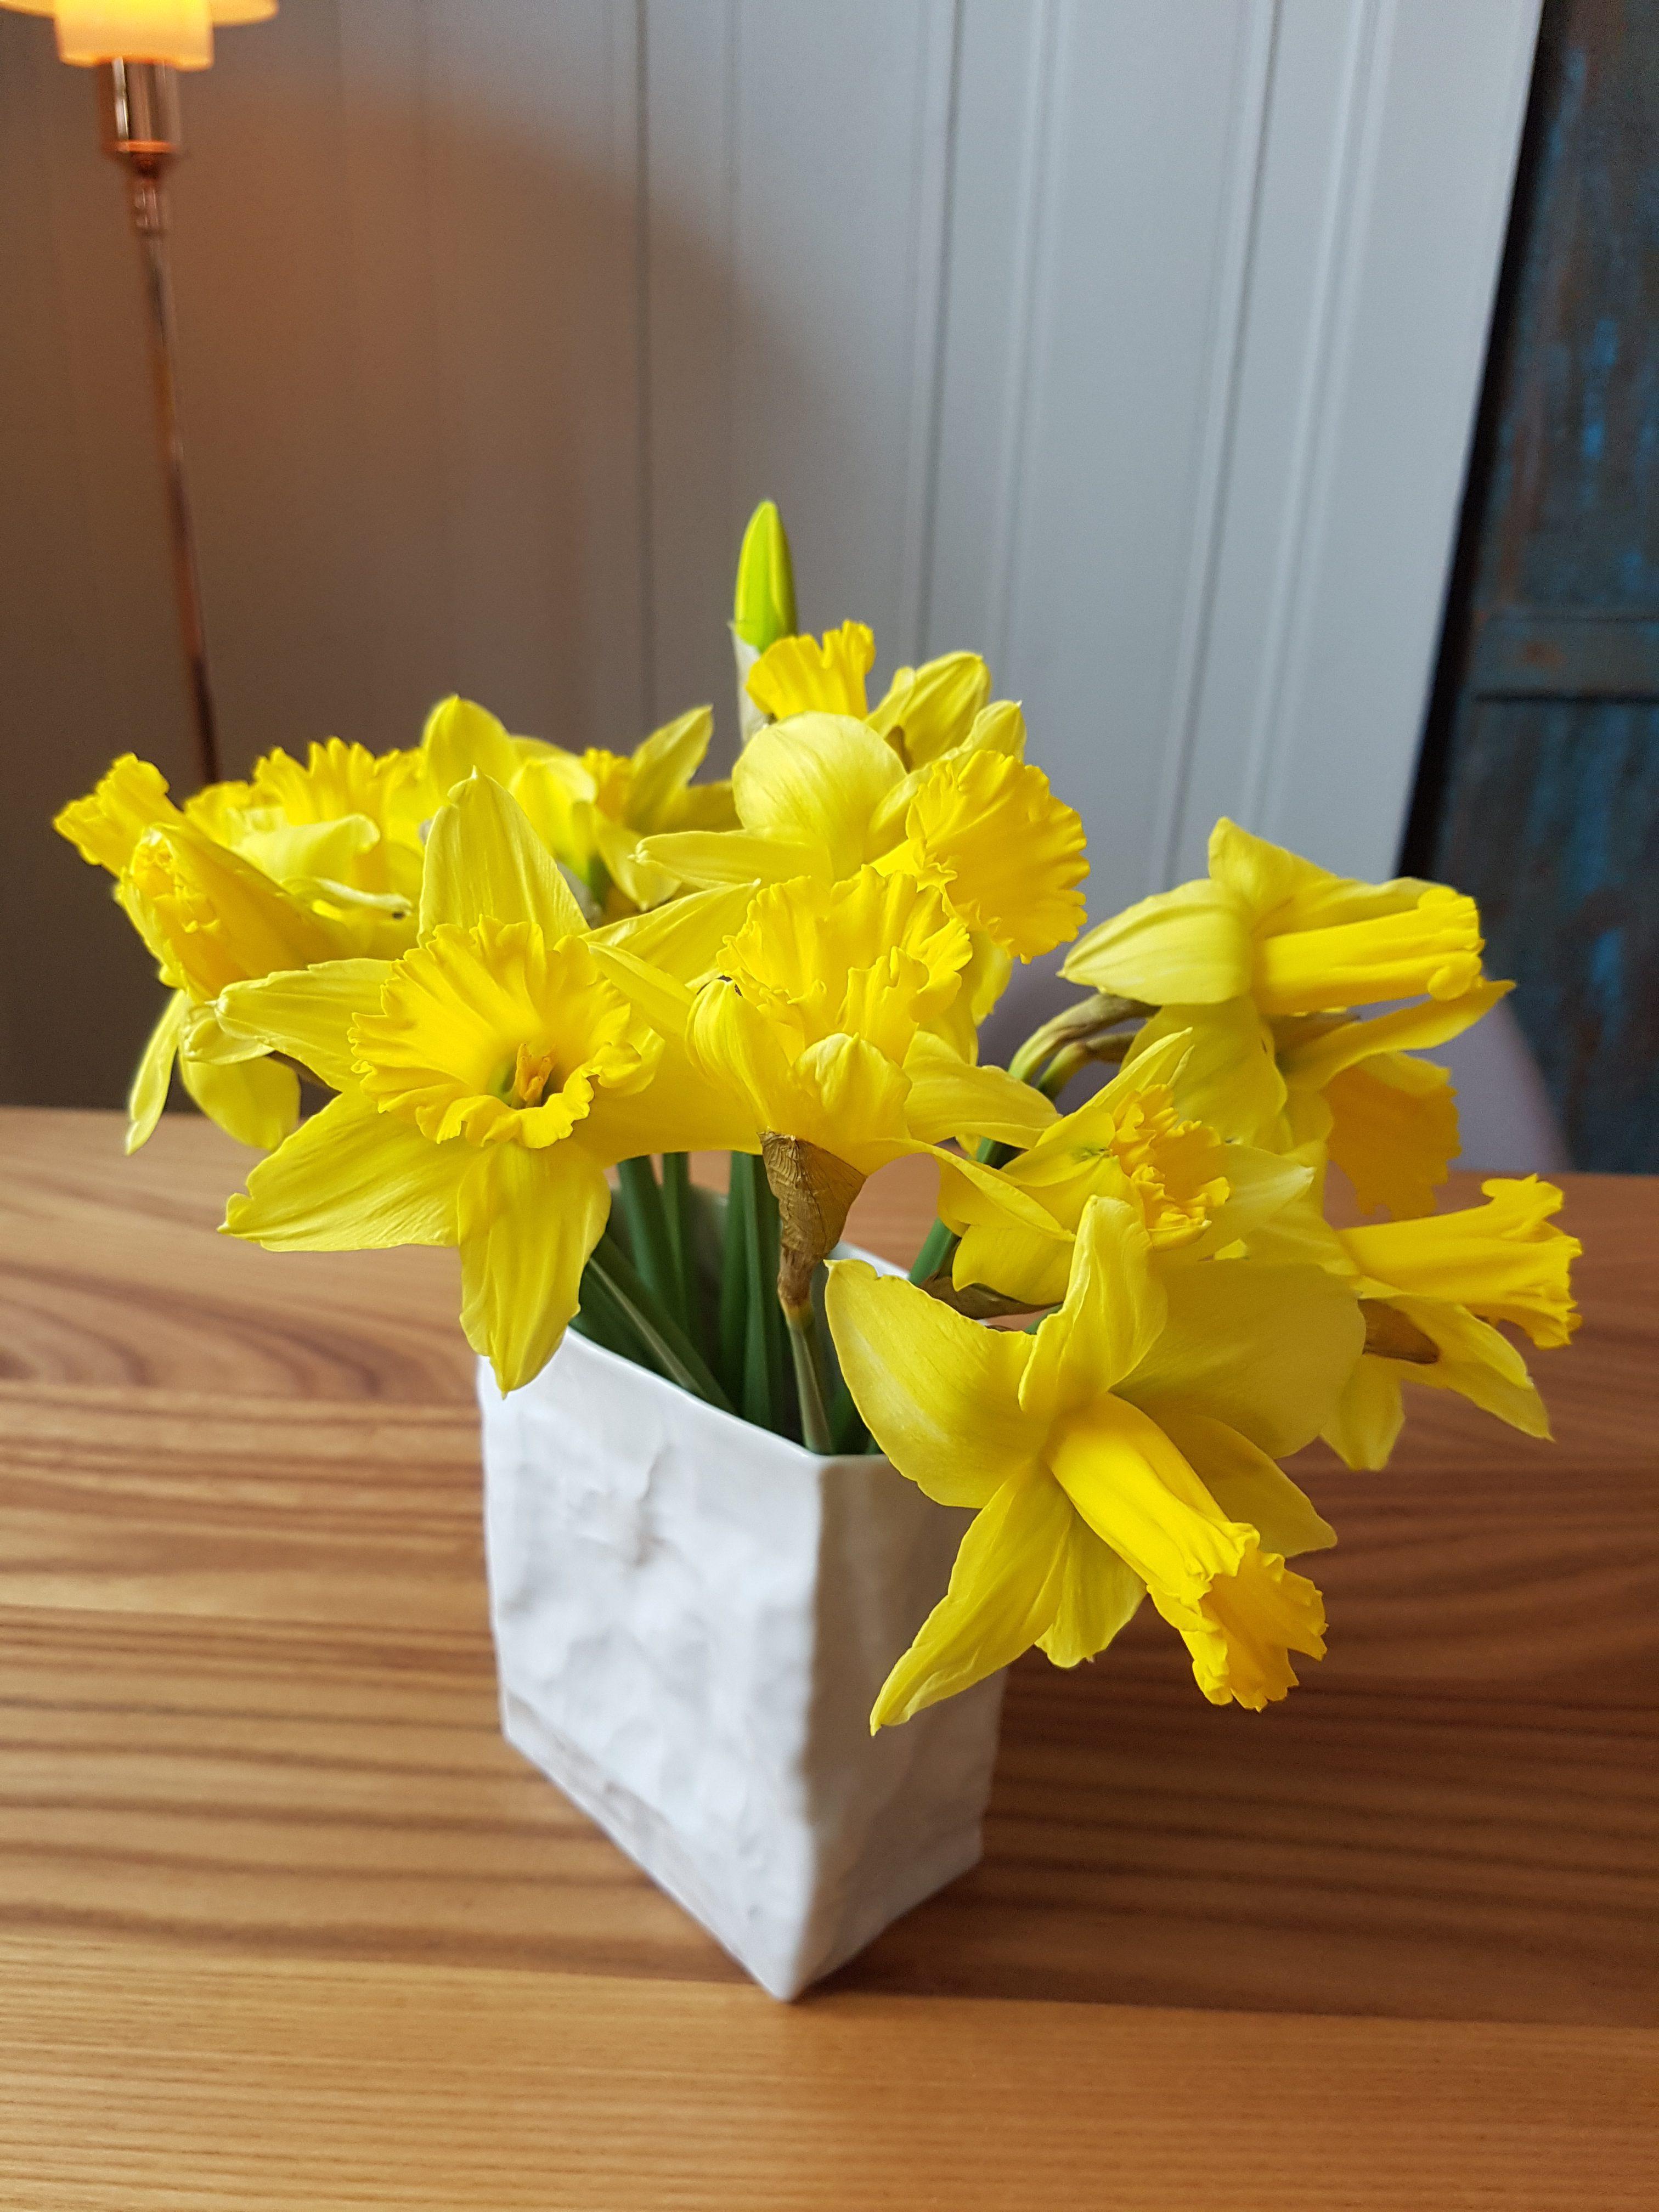 Påskelilje i vase er billig, enkelt og relativt holdbar vårglede innendørs.